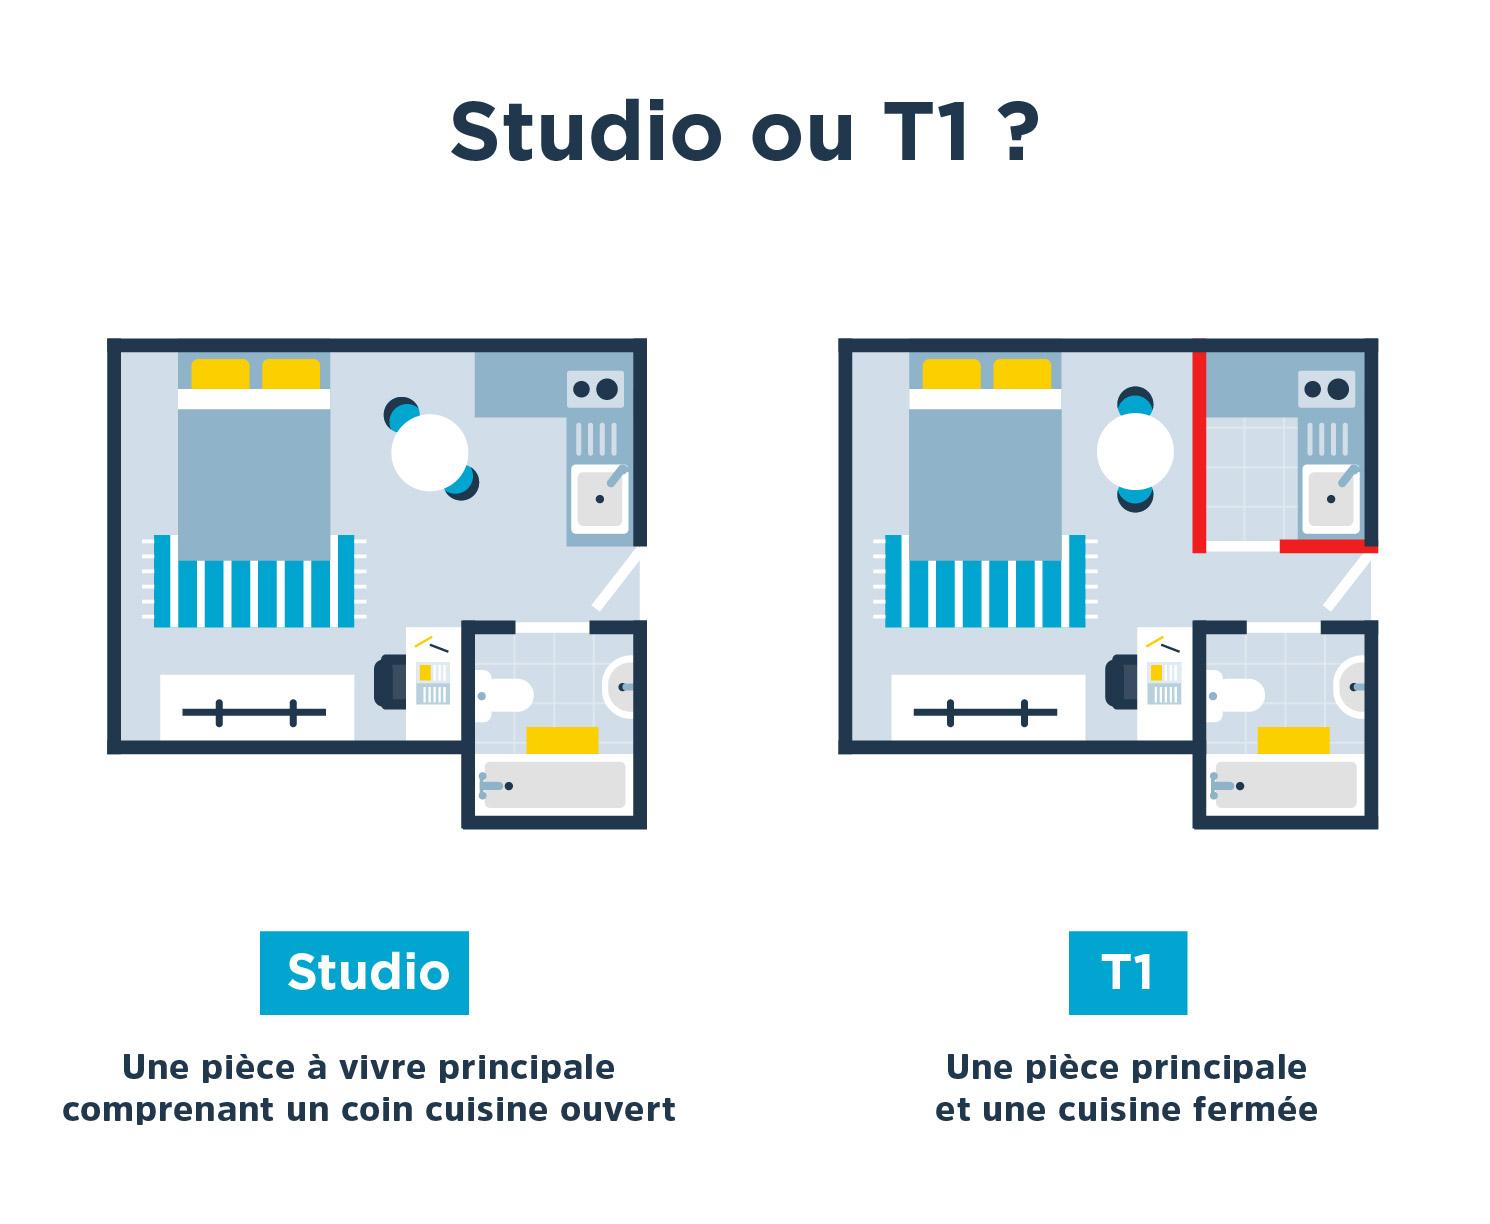 Salle De Bain Et Salle D Eau Différence quelle différence entre studio et t1 ? - cdc habitat